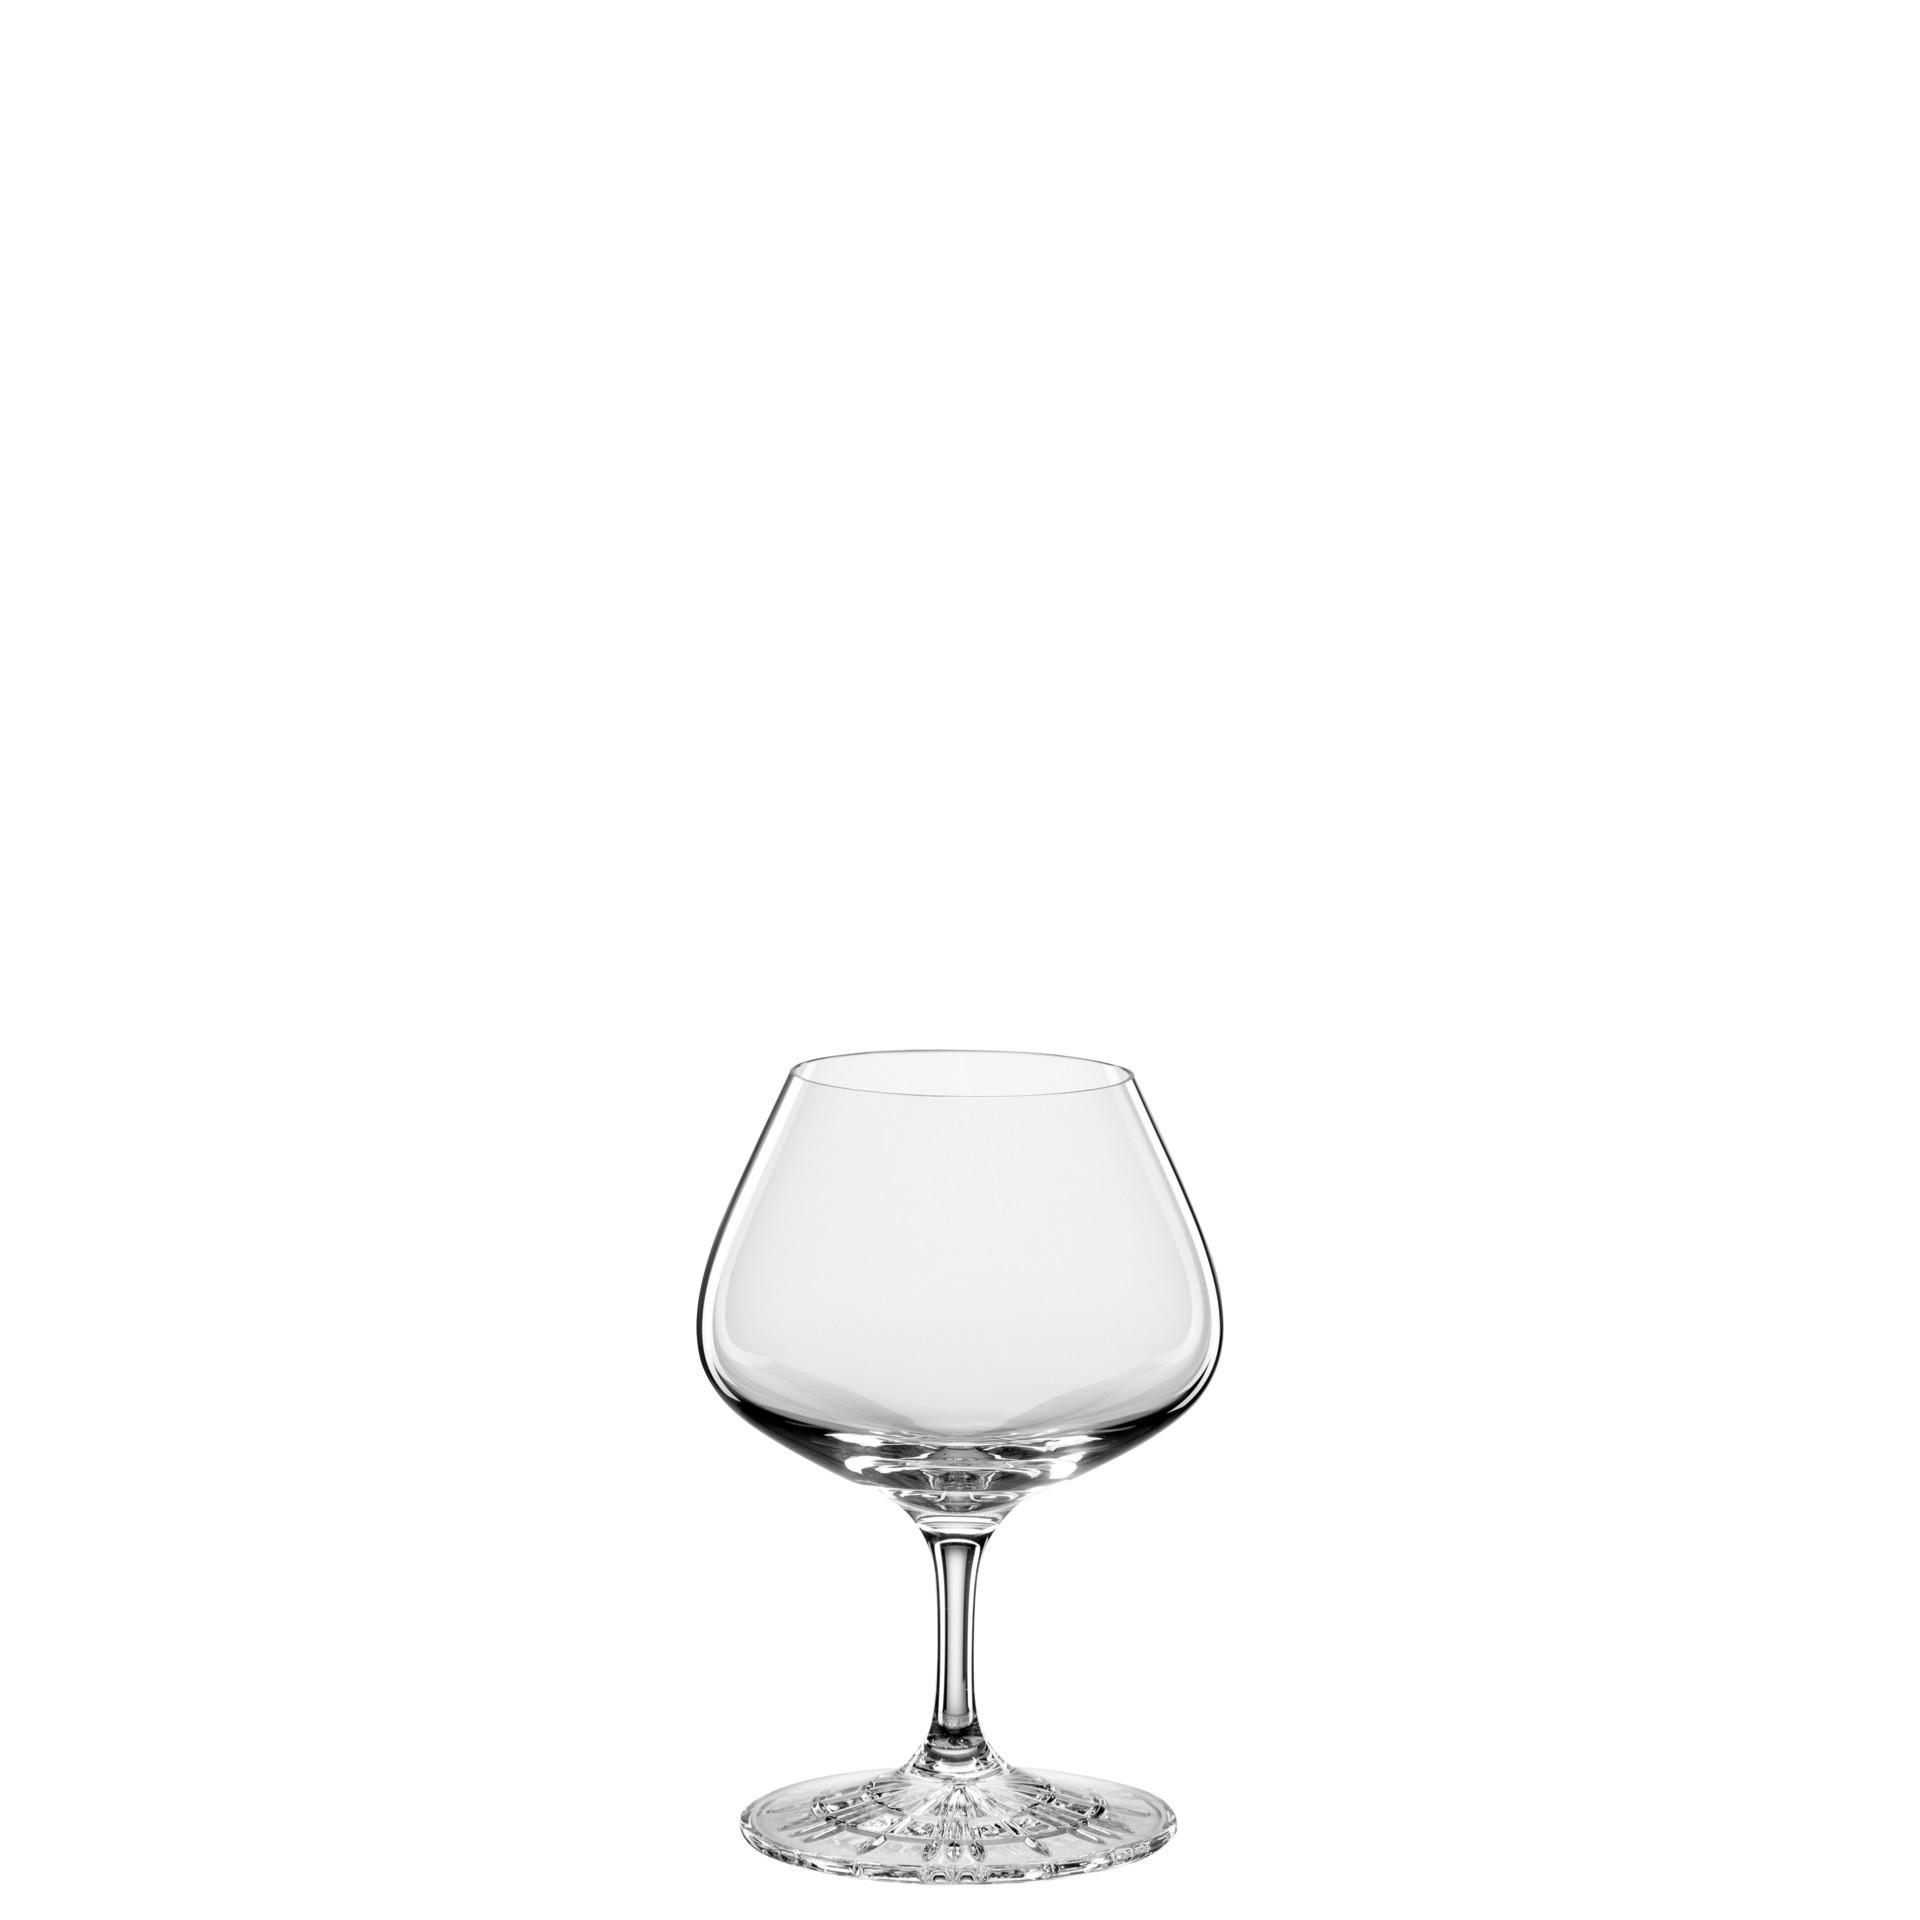 Perfect Serve, Nosingglas ø 82 mm / 0,21 l